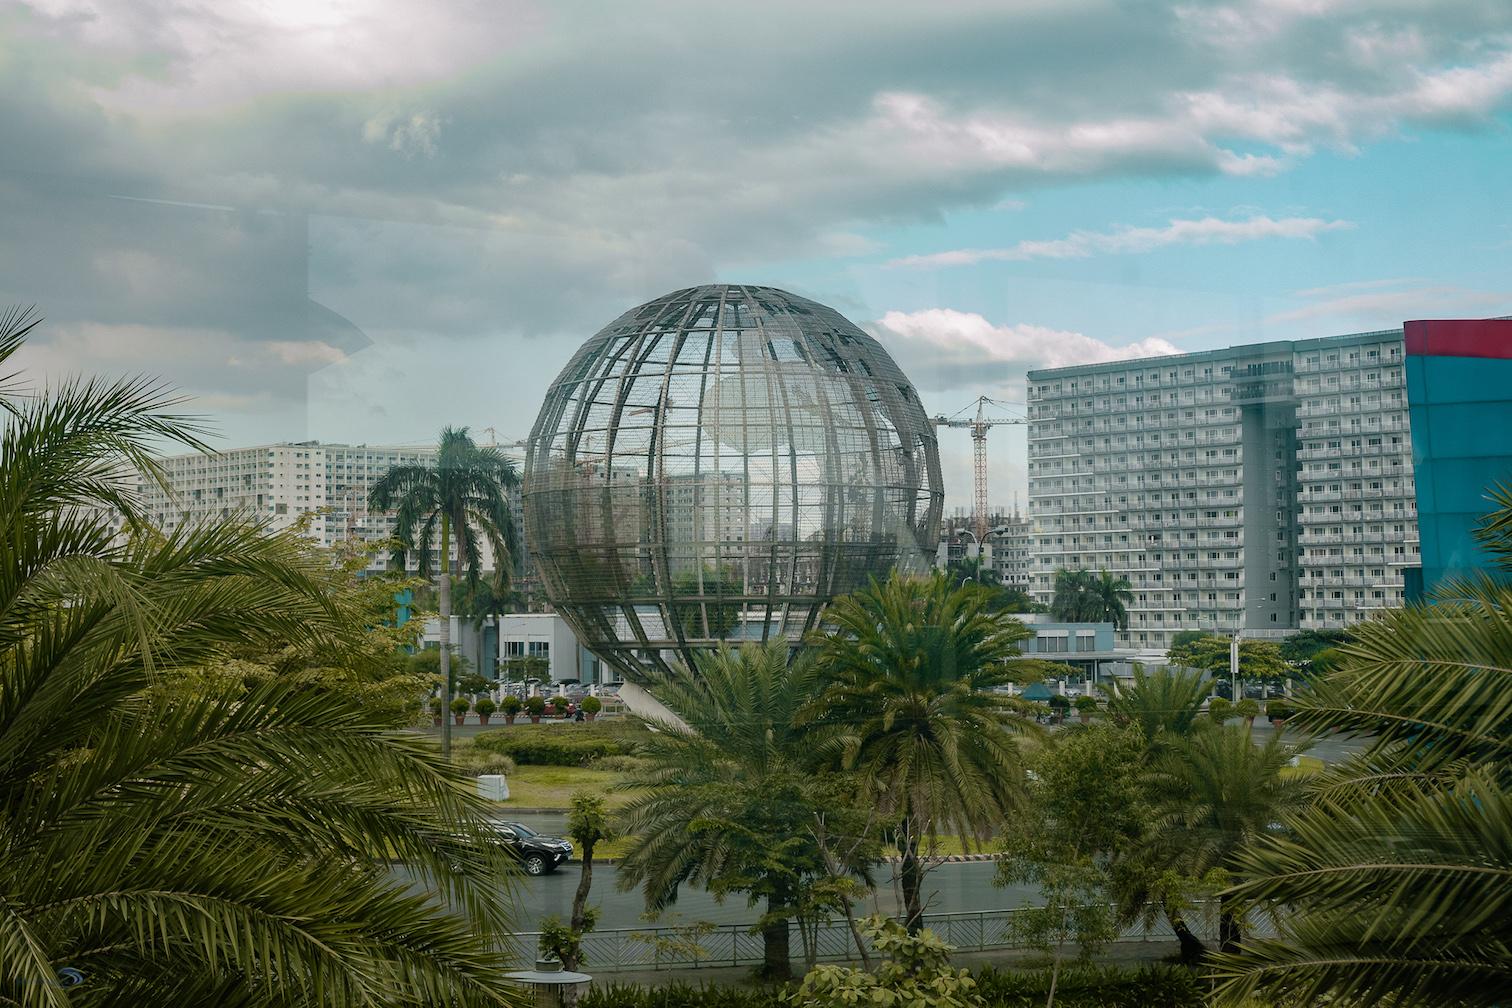 Vi arrangere mange typer af ture. Men vi er specielt glade for den filippinske hovedstad.